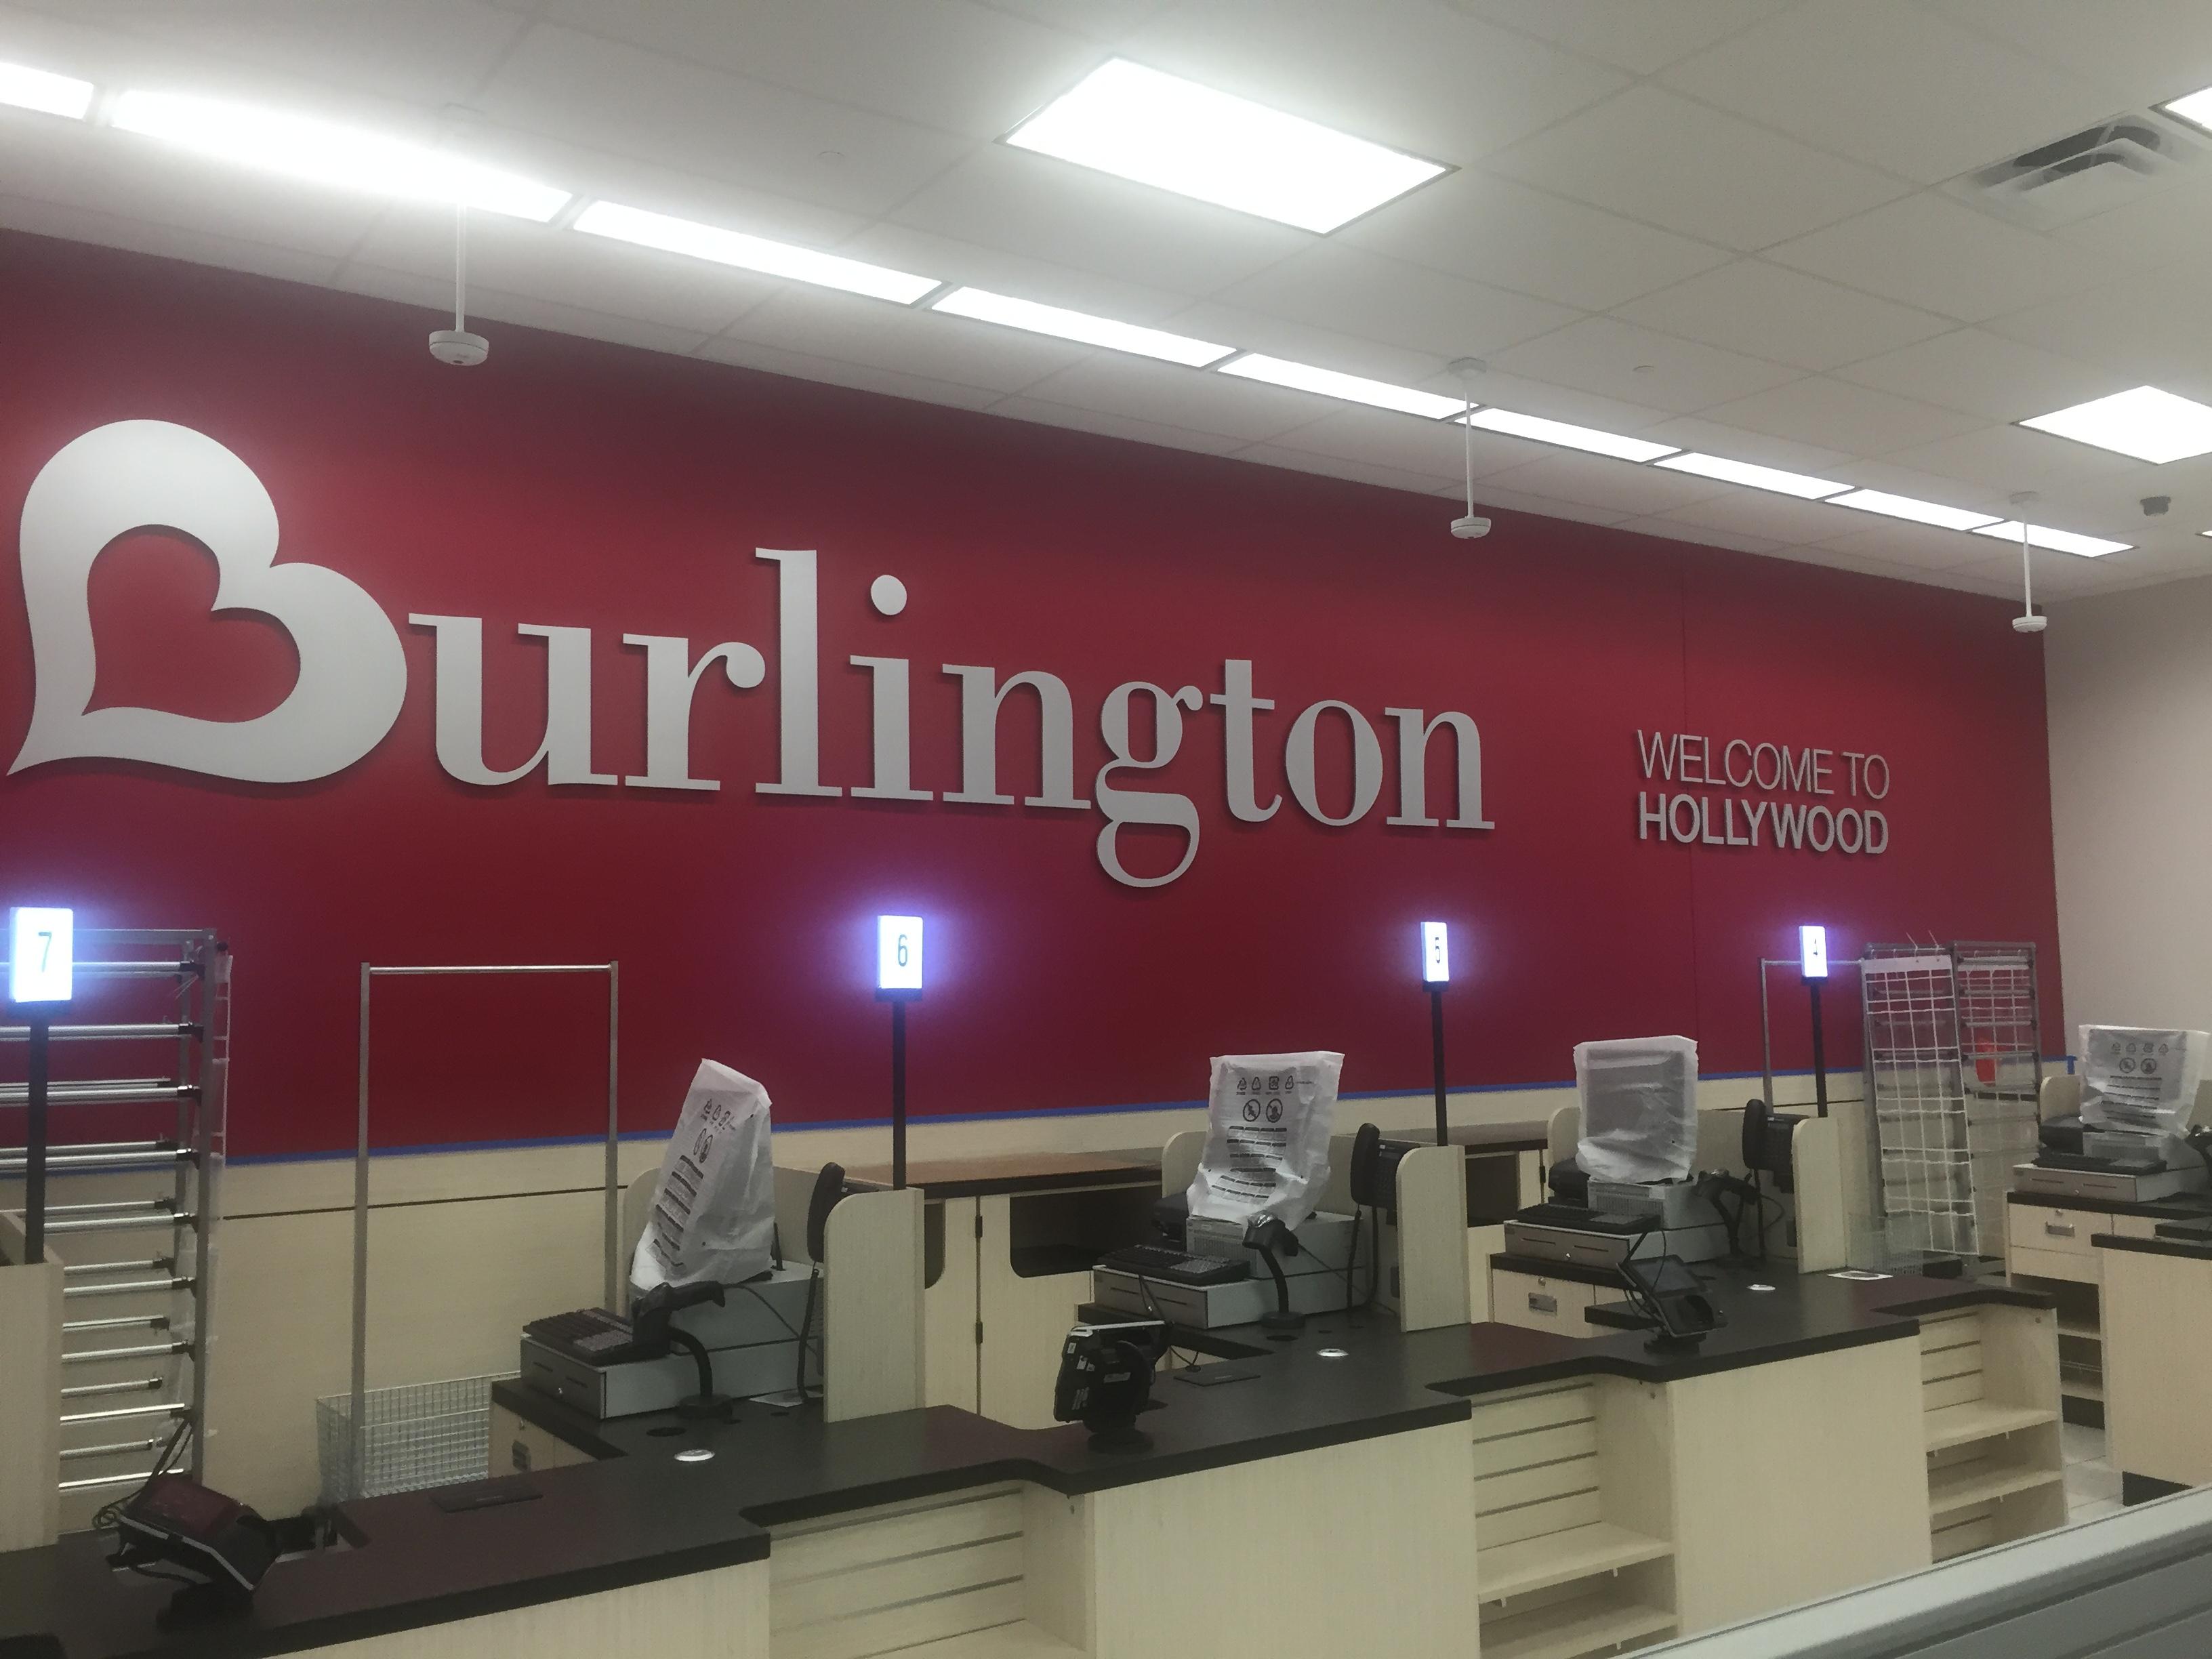 Burlington Coat Factory Cleveland Construction Inc